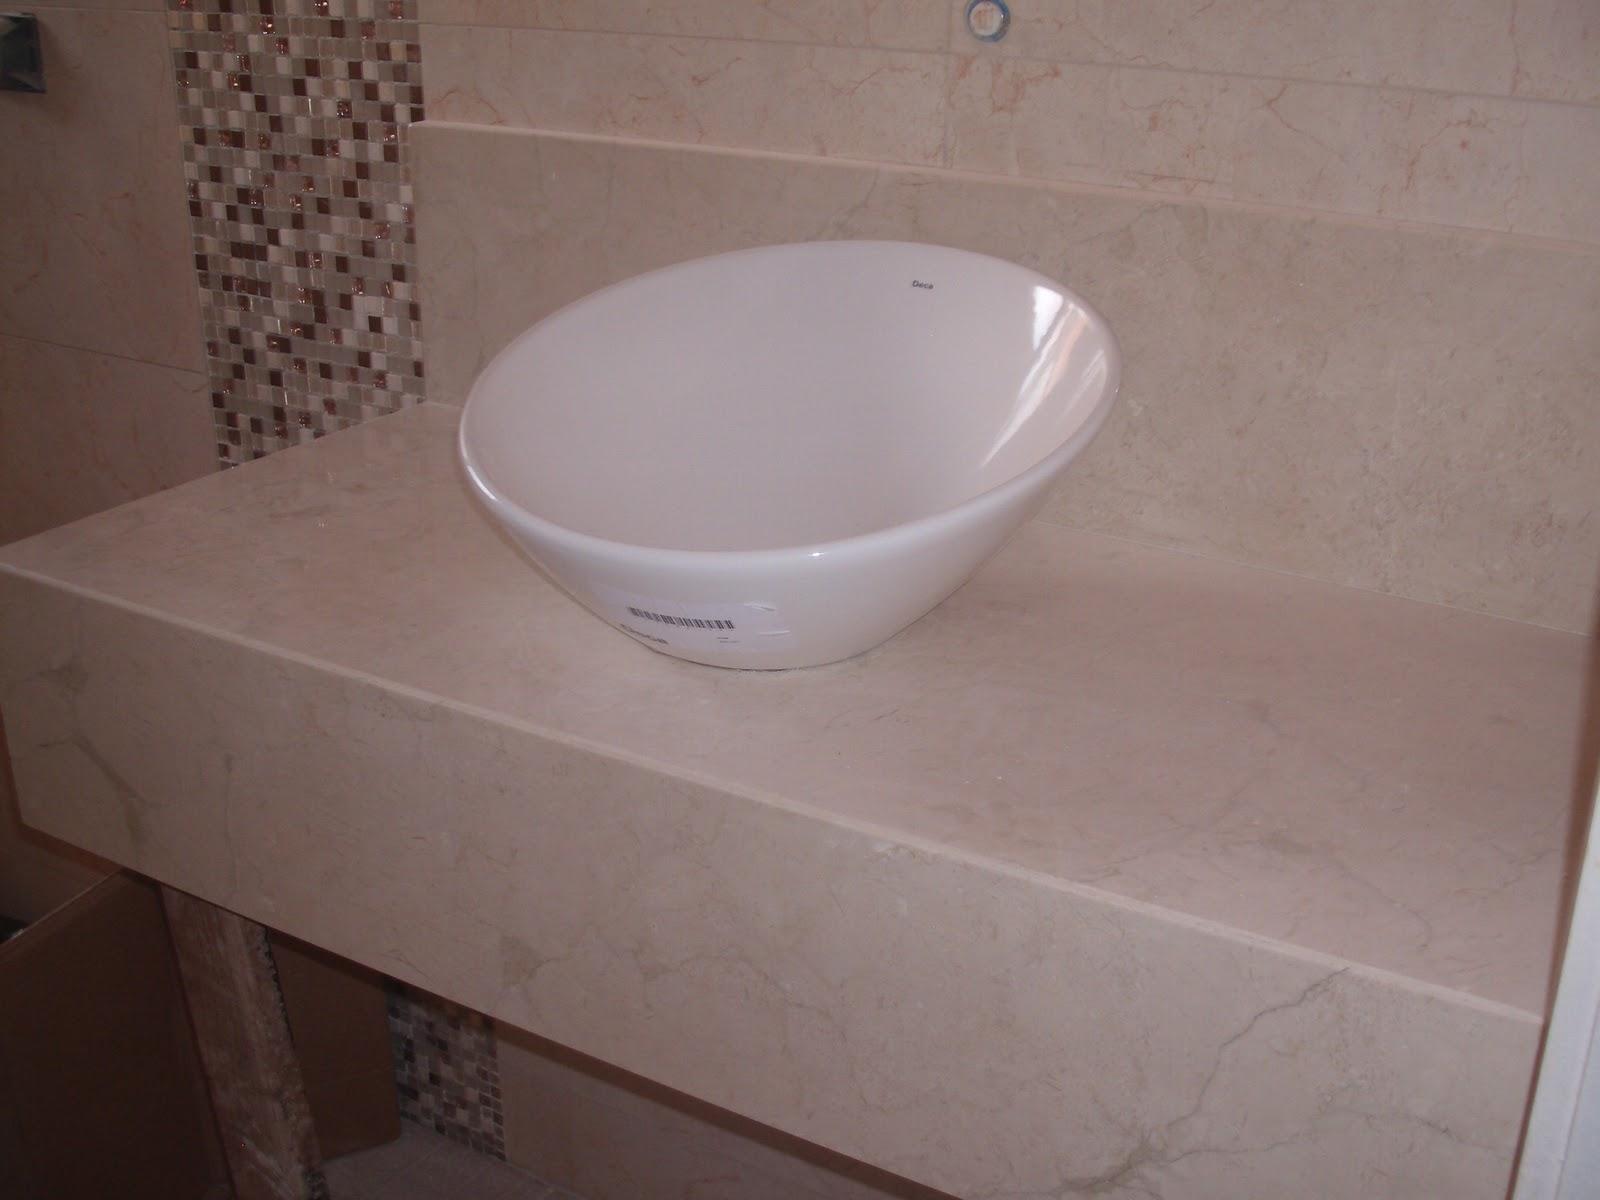 com armário com rodinhas eu quero que quando for lavar o banheiro  #3B2824 1600x1200 Armario Banheiro Rodinha